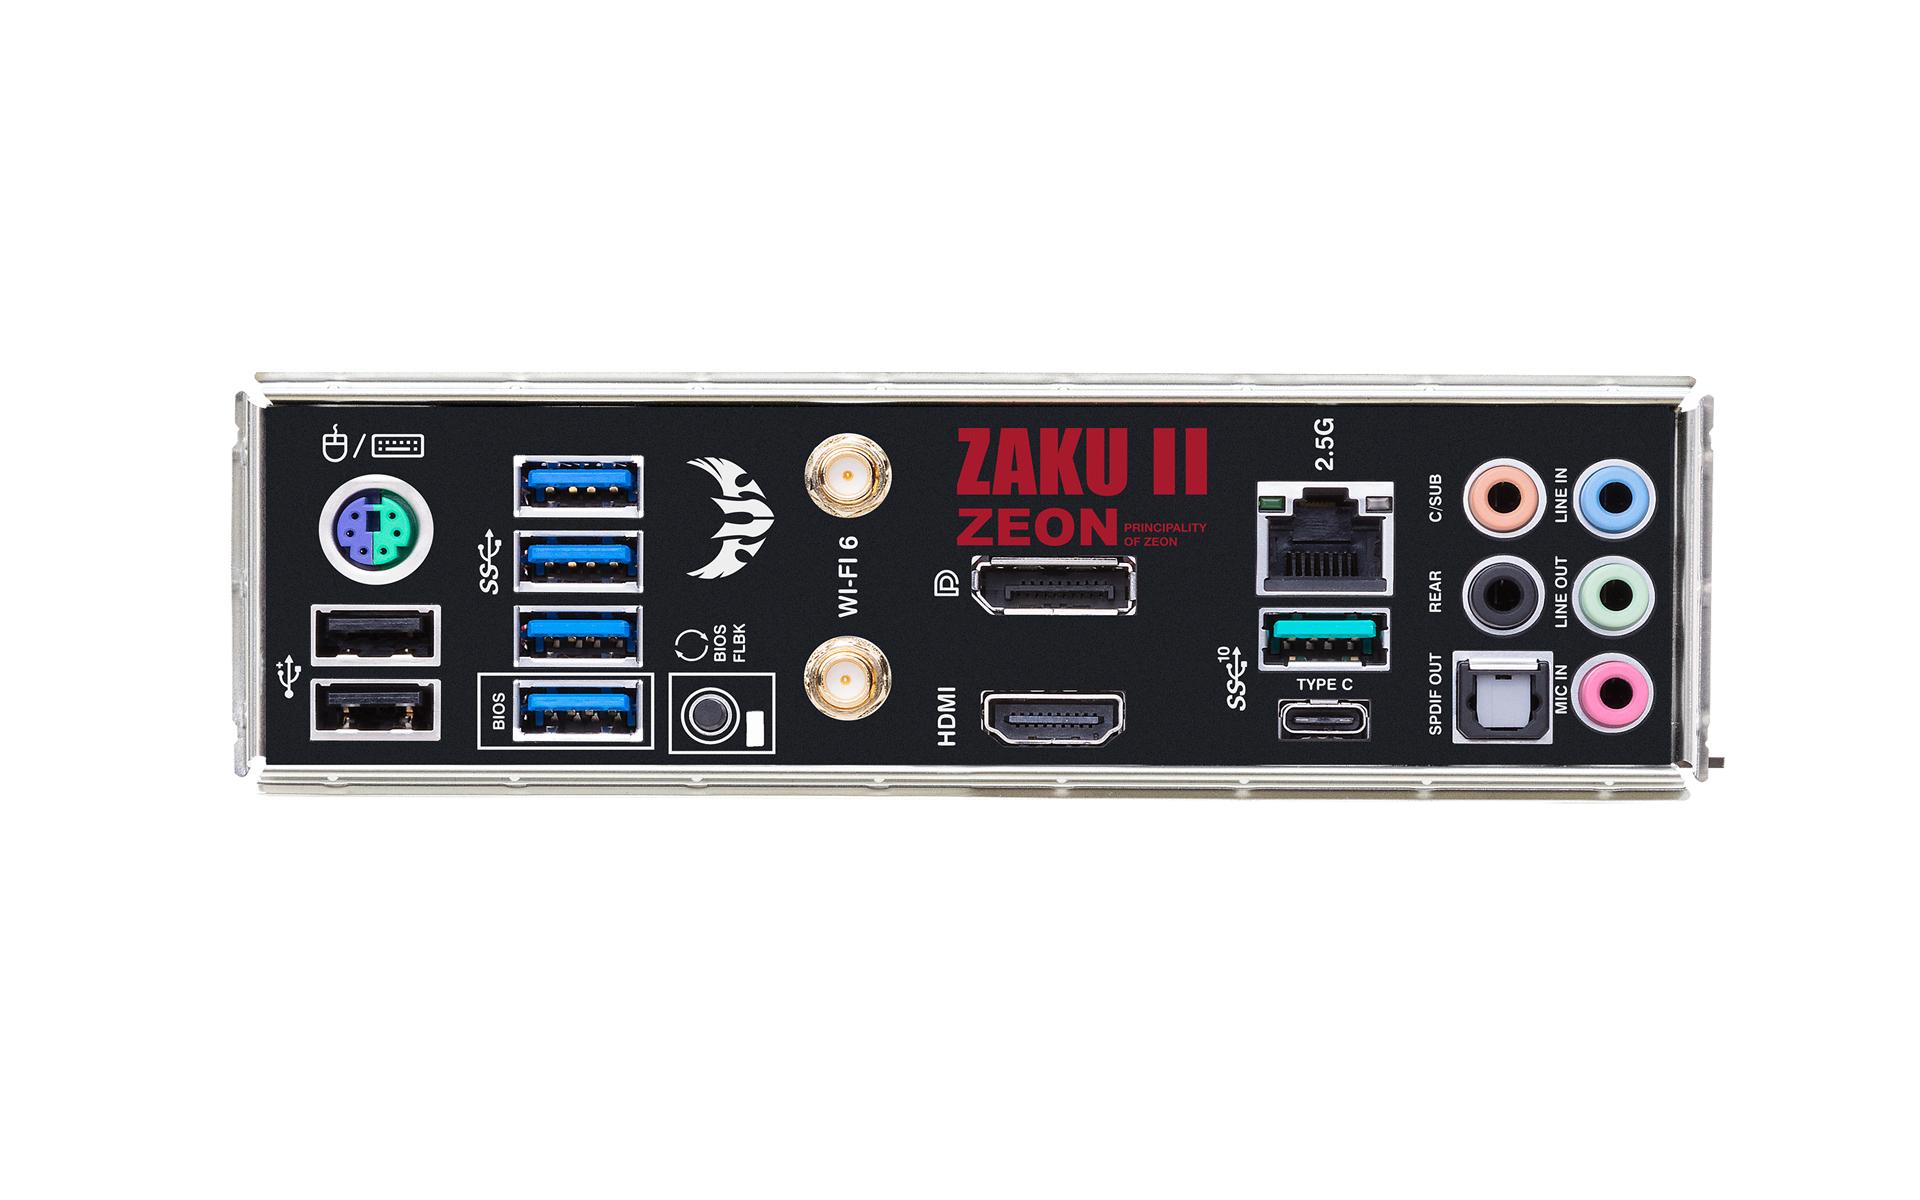 TUF GAMING B550M ZAKU II EDITION (WI-FI) io